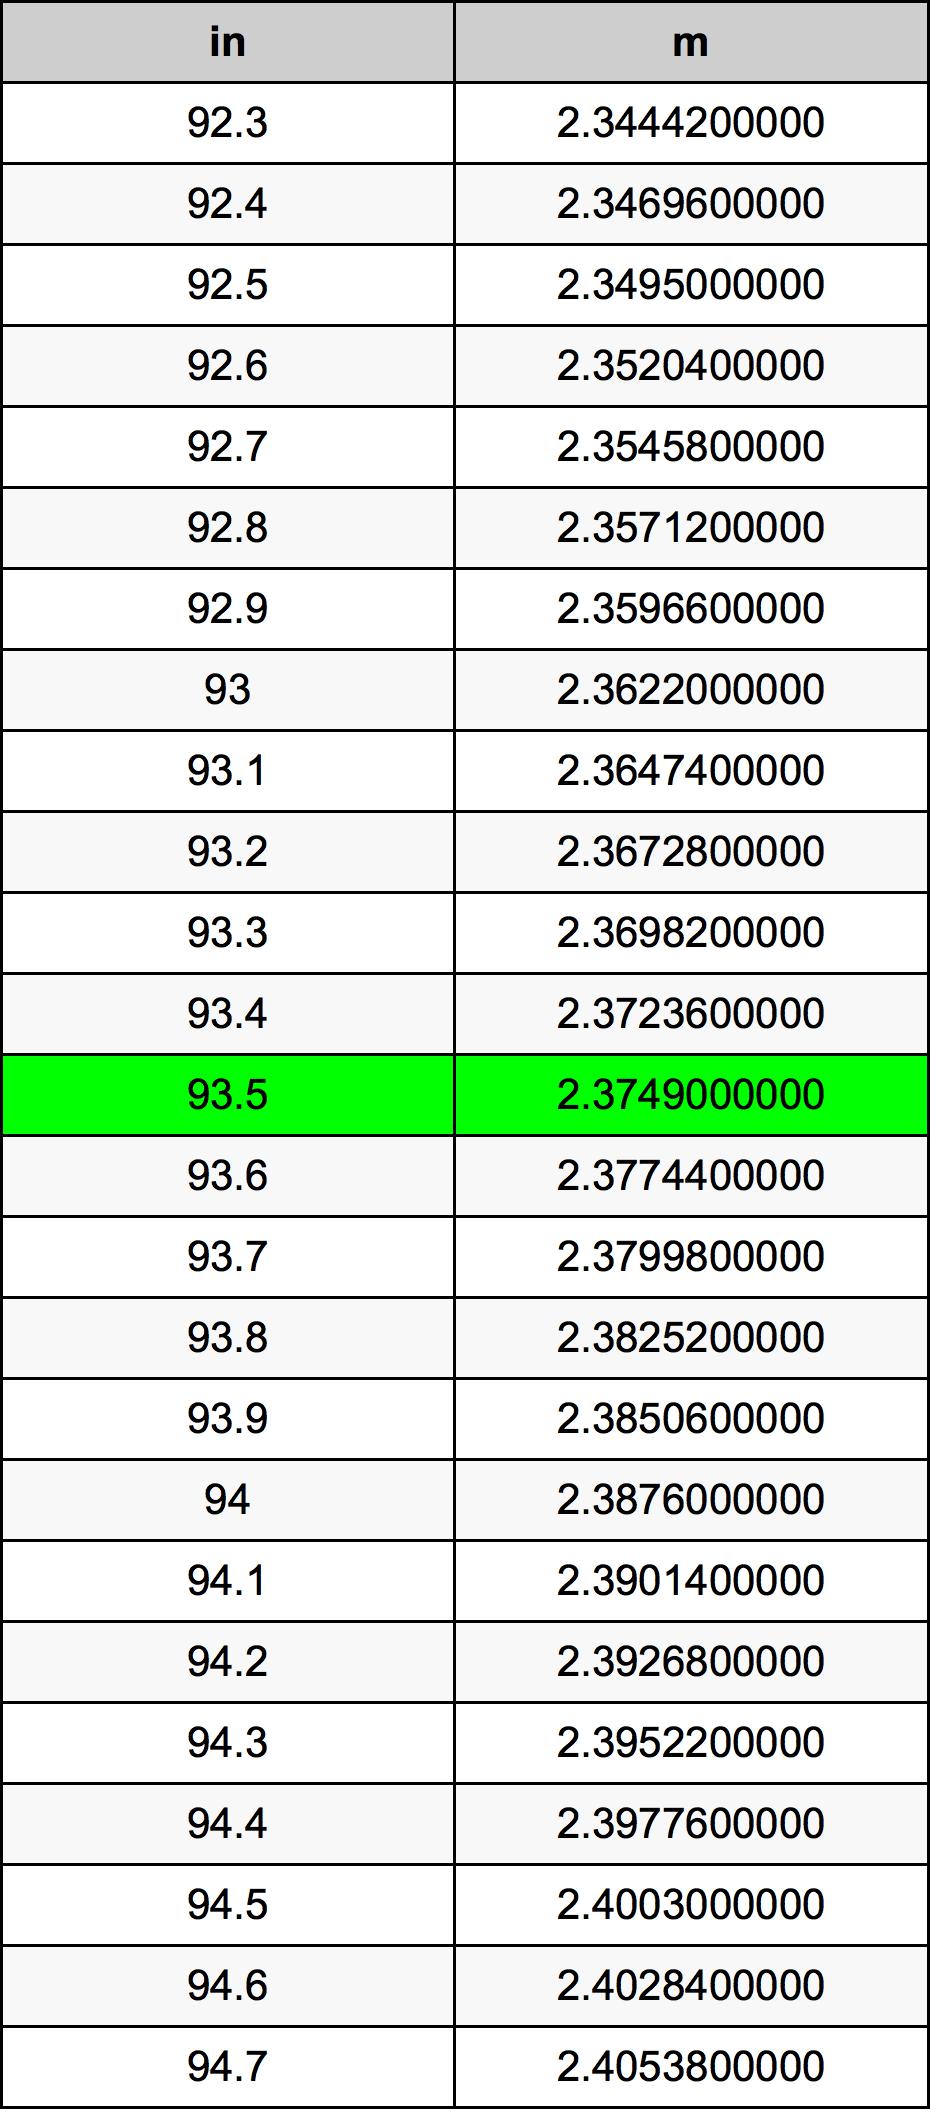 93.5 инч Таблица за преобразуване